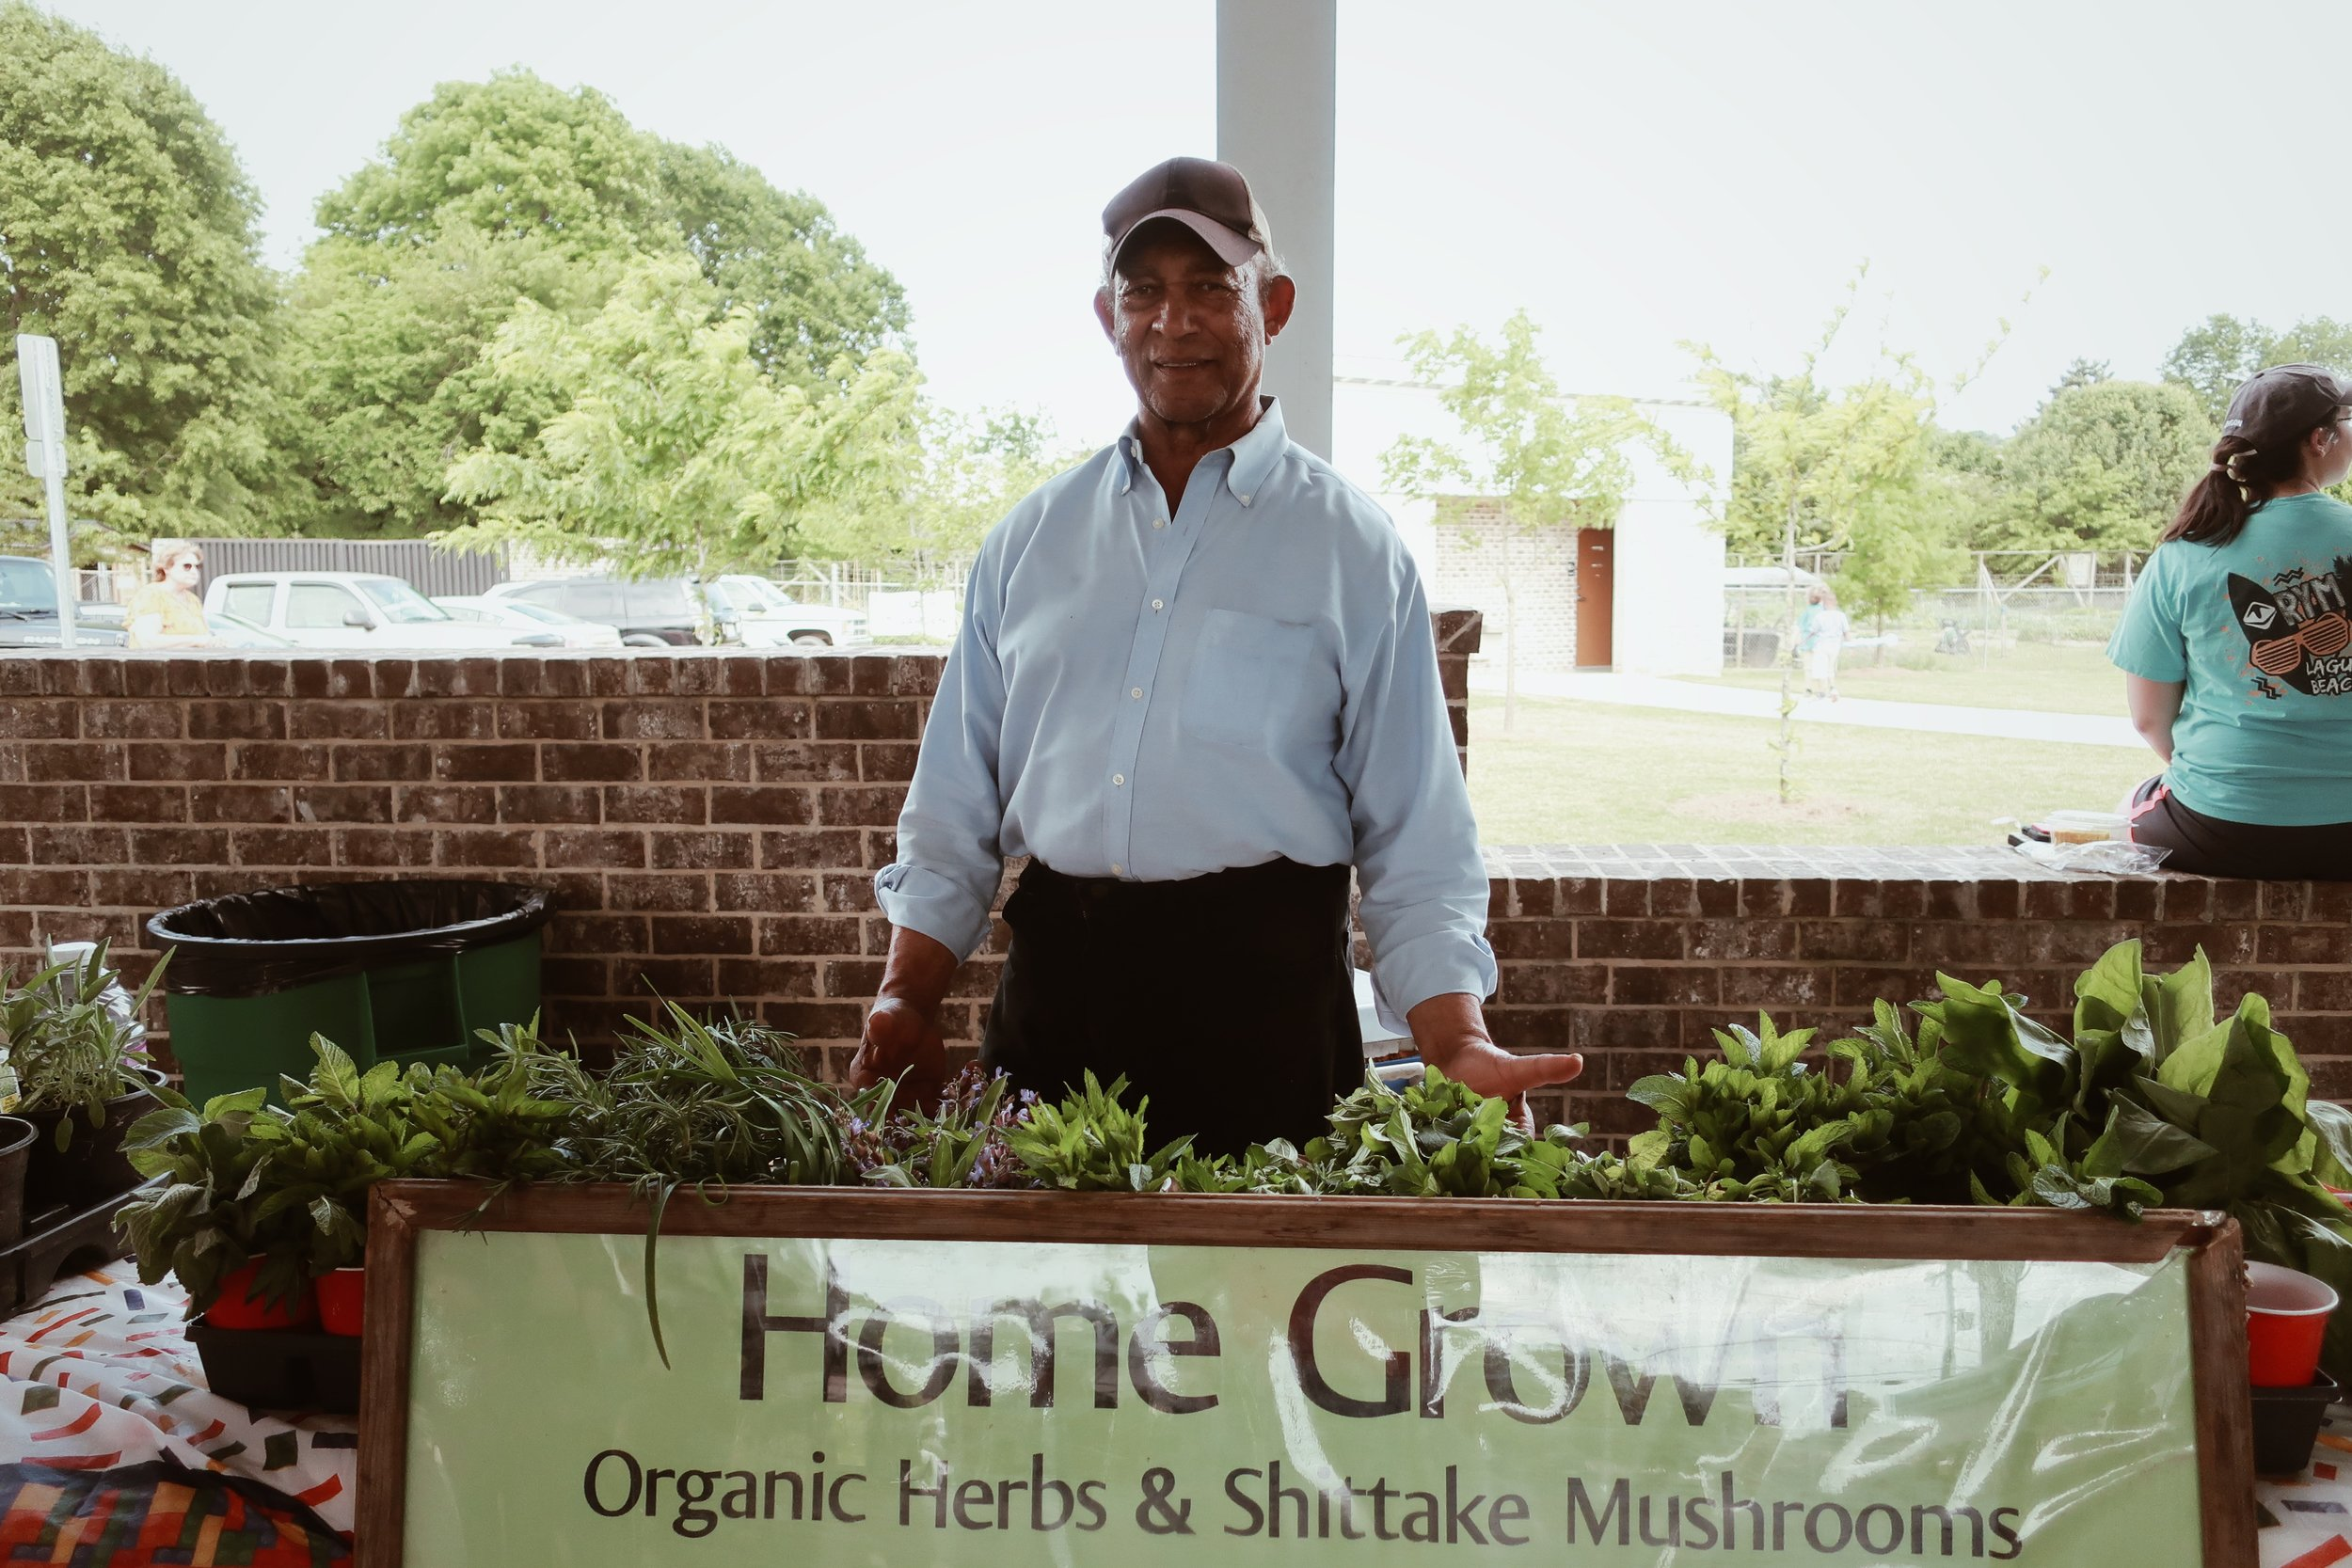 Mr. Brown's Herbs